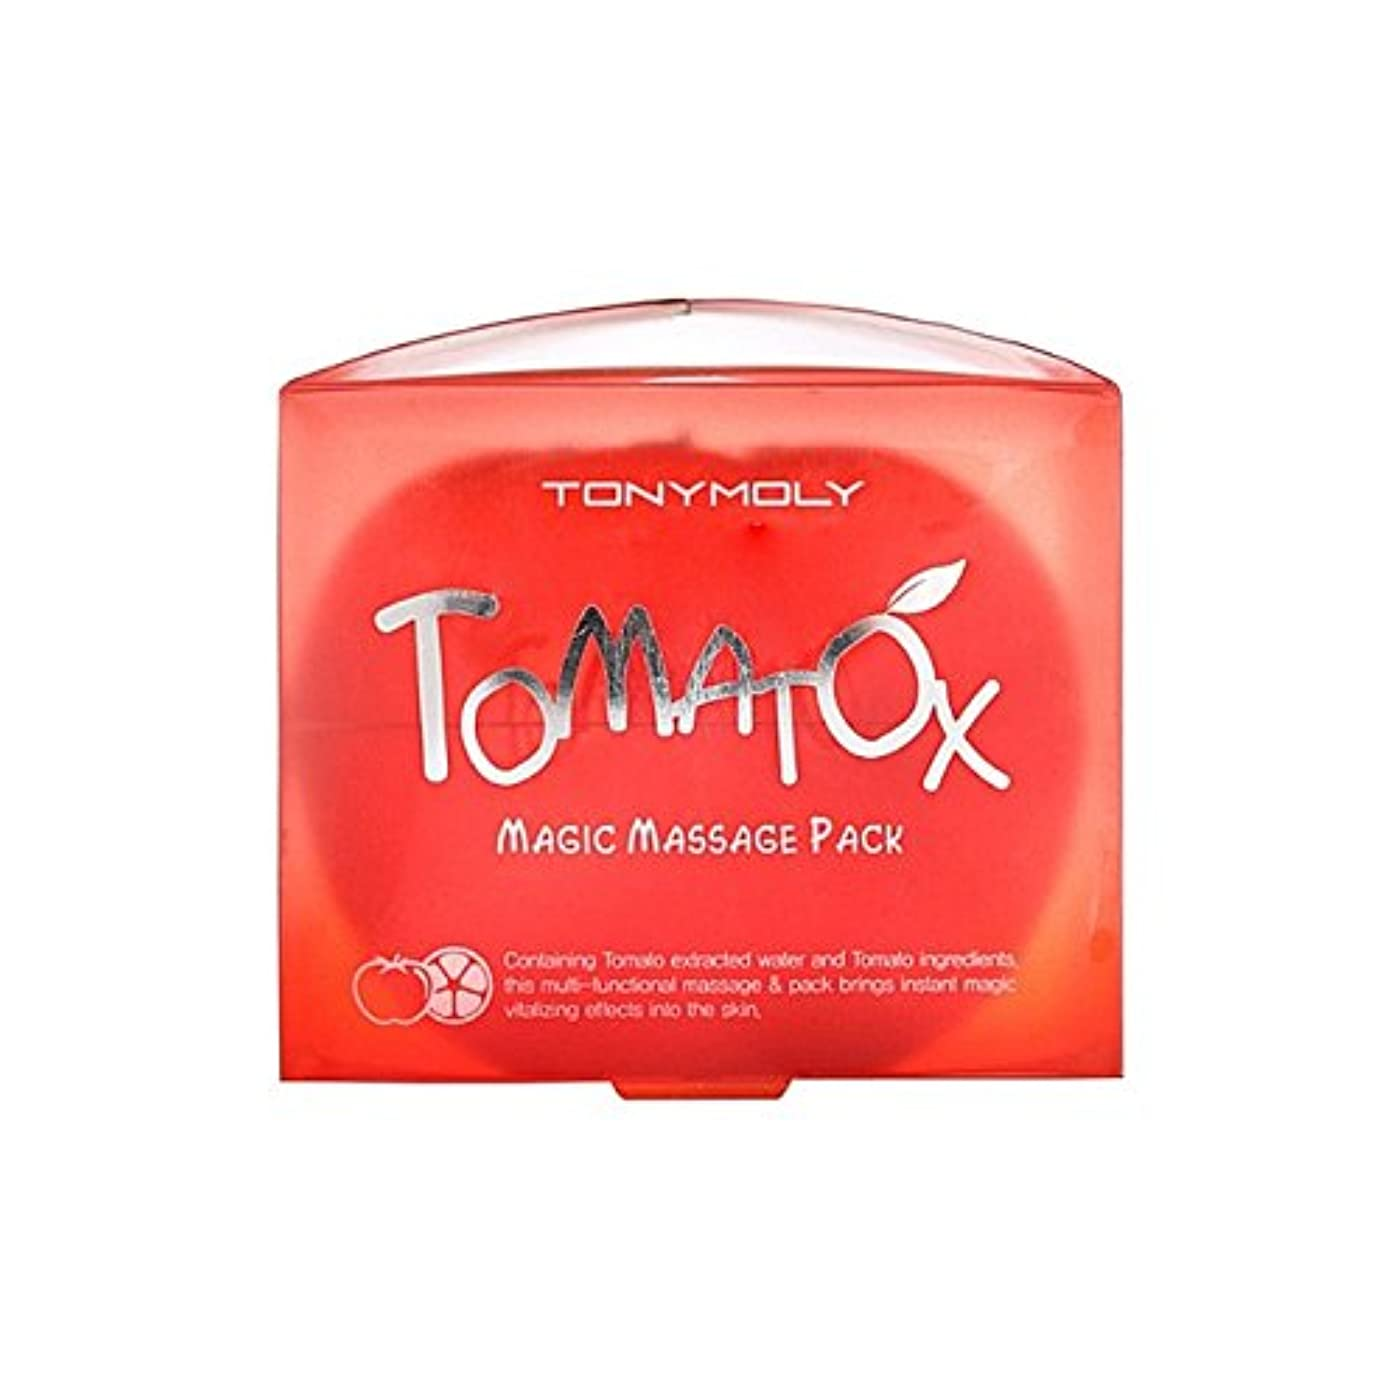 ぴかぴか信頼できる海峡ひもトニーモリー魔法マッサージパック80グラム x2 - Tony Moly Tomatox Magic Massage Pack 80G (Pack of 2) [並行輸入品]